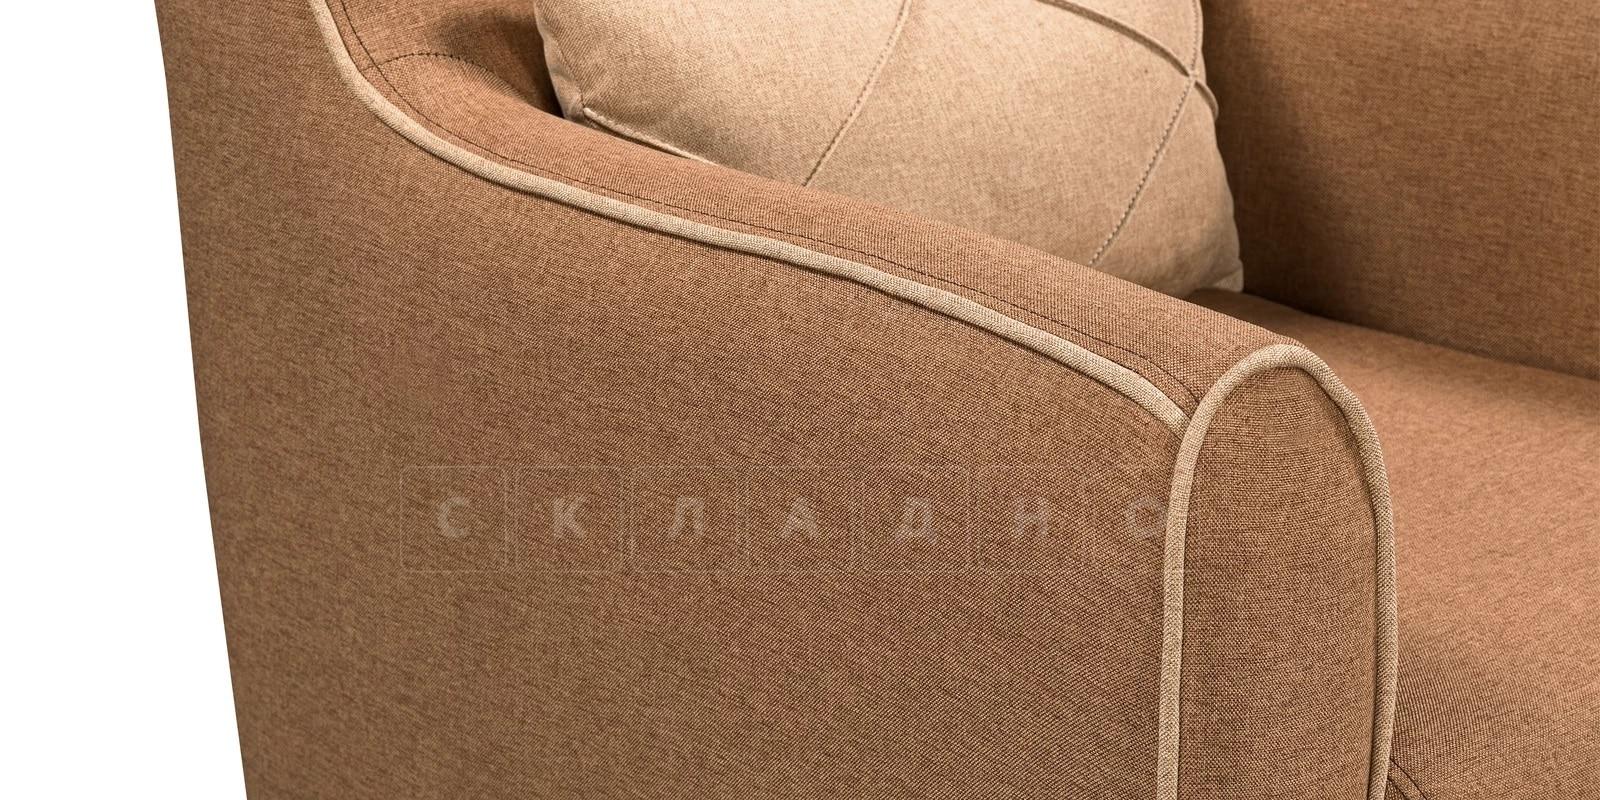 Кресло Флэтфорд рогожка коричневая с бежевым кантом фото 5 | интернет-магазин Складно